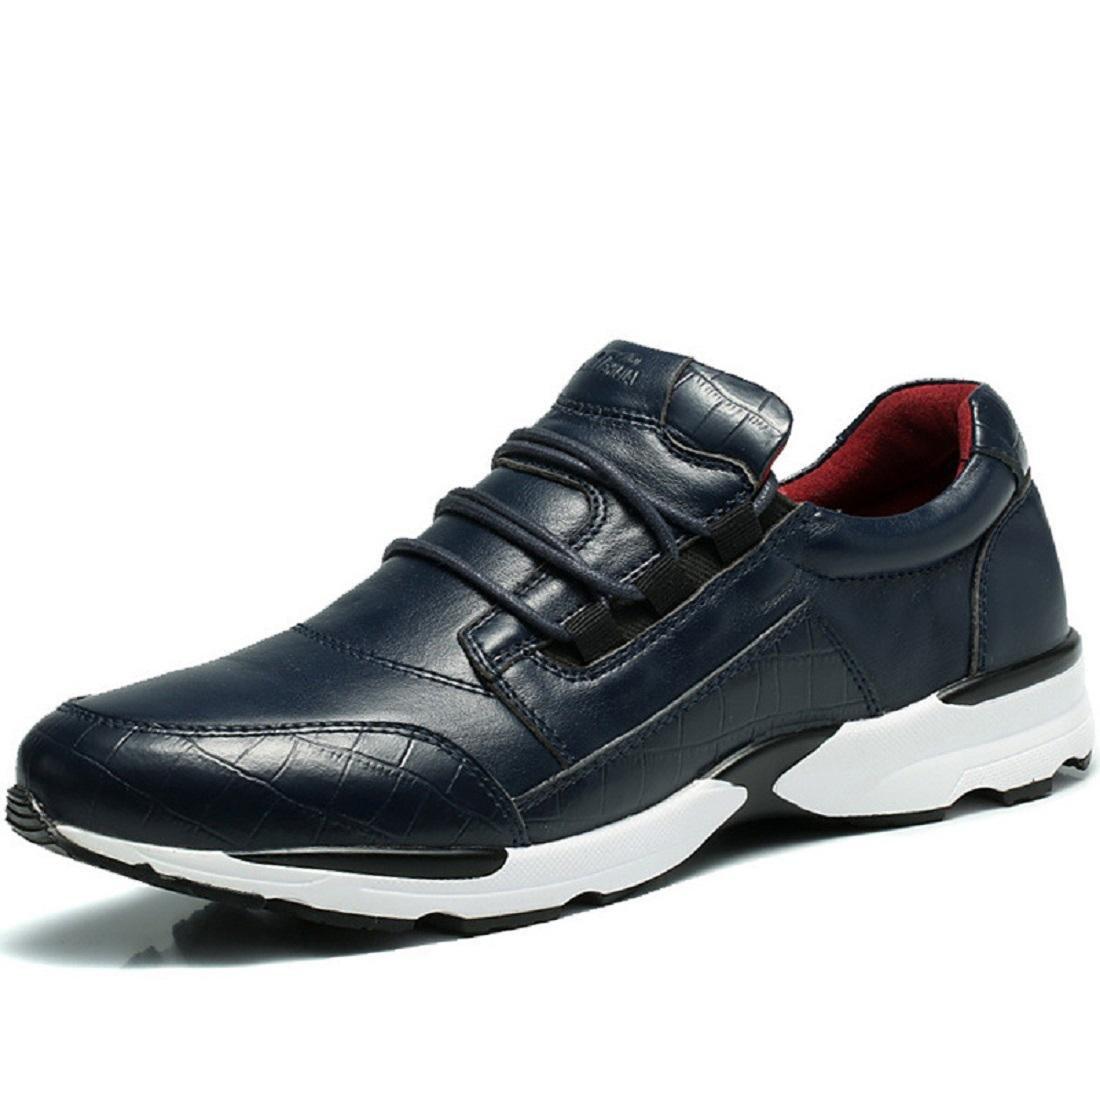 Herren Freizeitschuhe Lederschuhe Mode Lässige Schuhe Sportschuhe Ausbilder EUR GRÖSSE 38-44